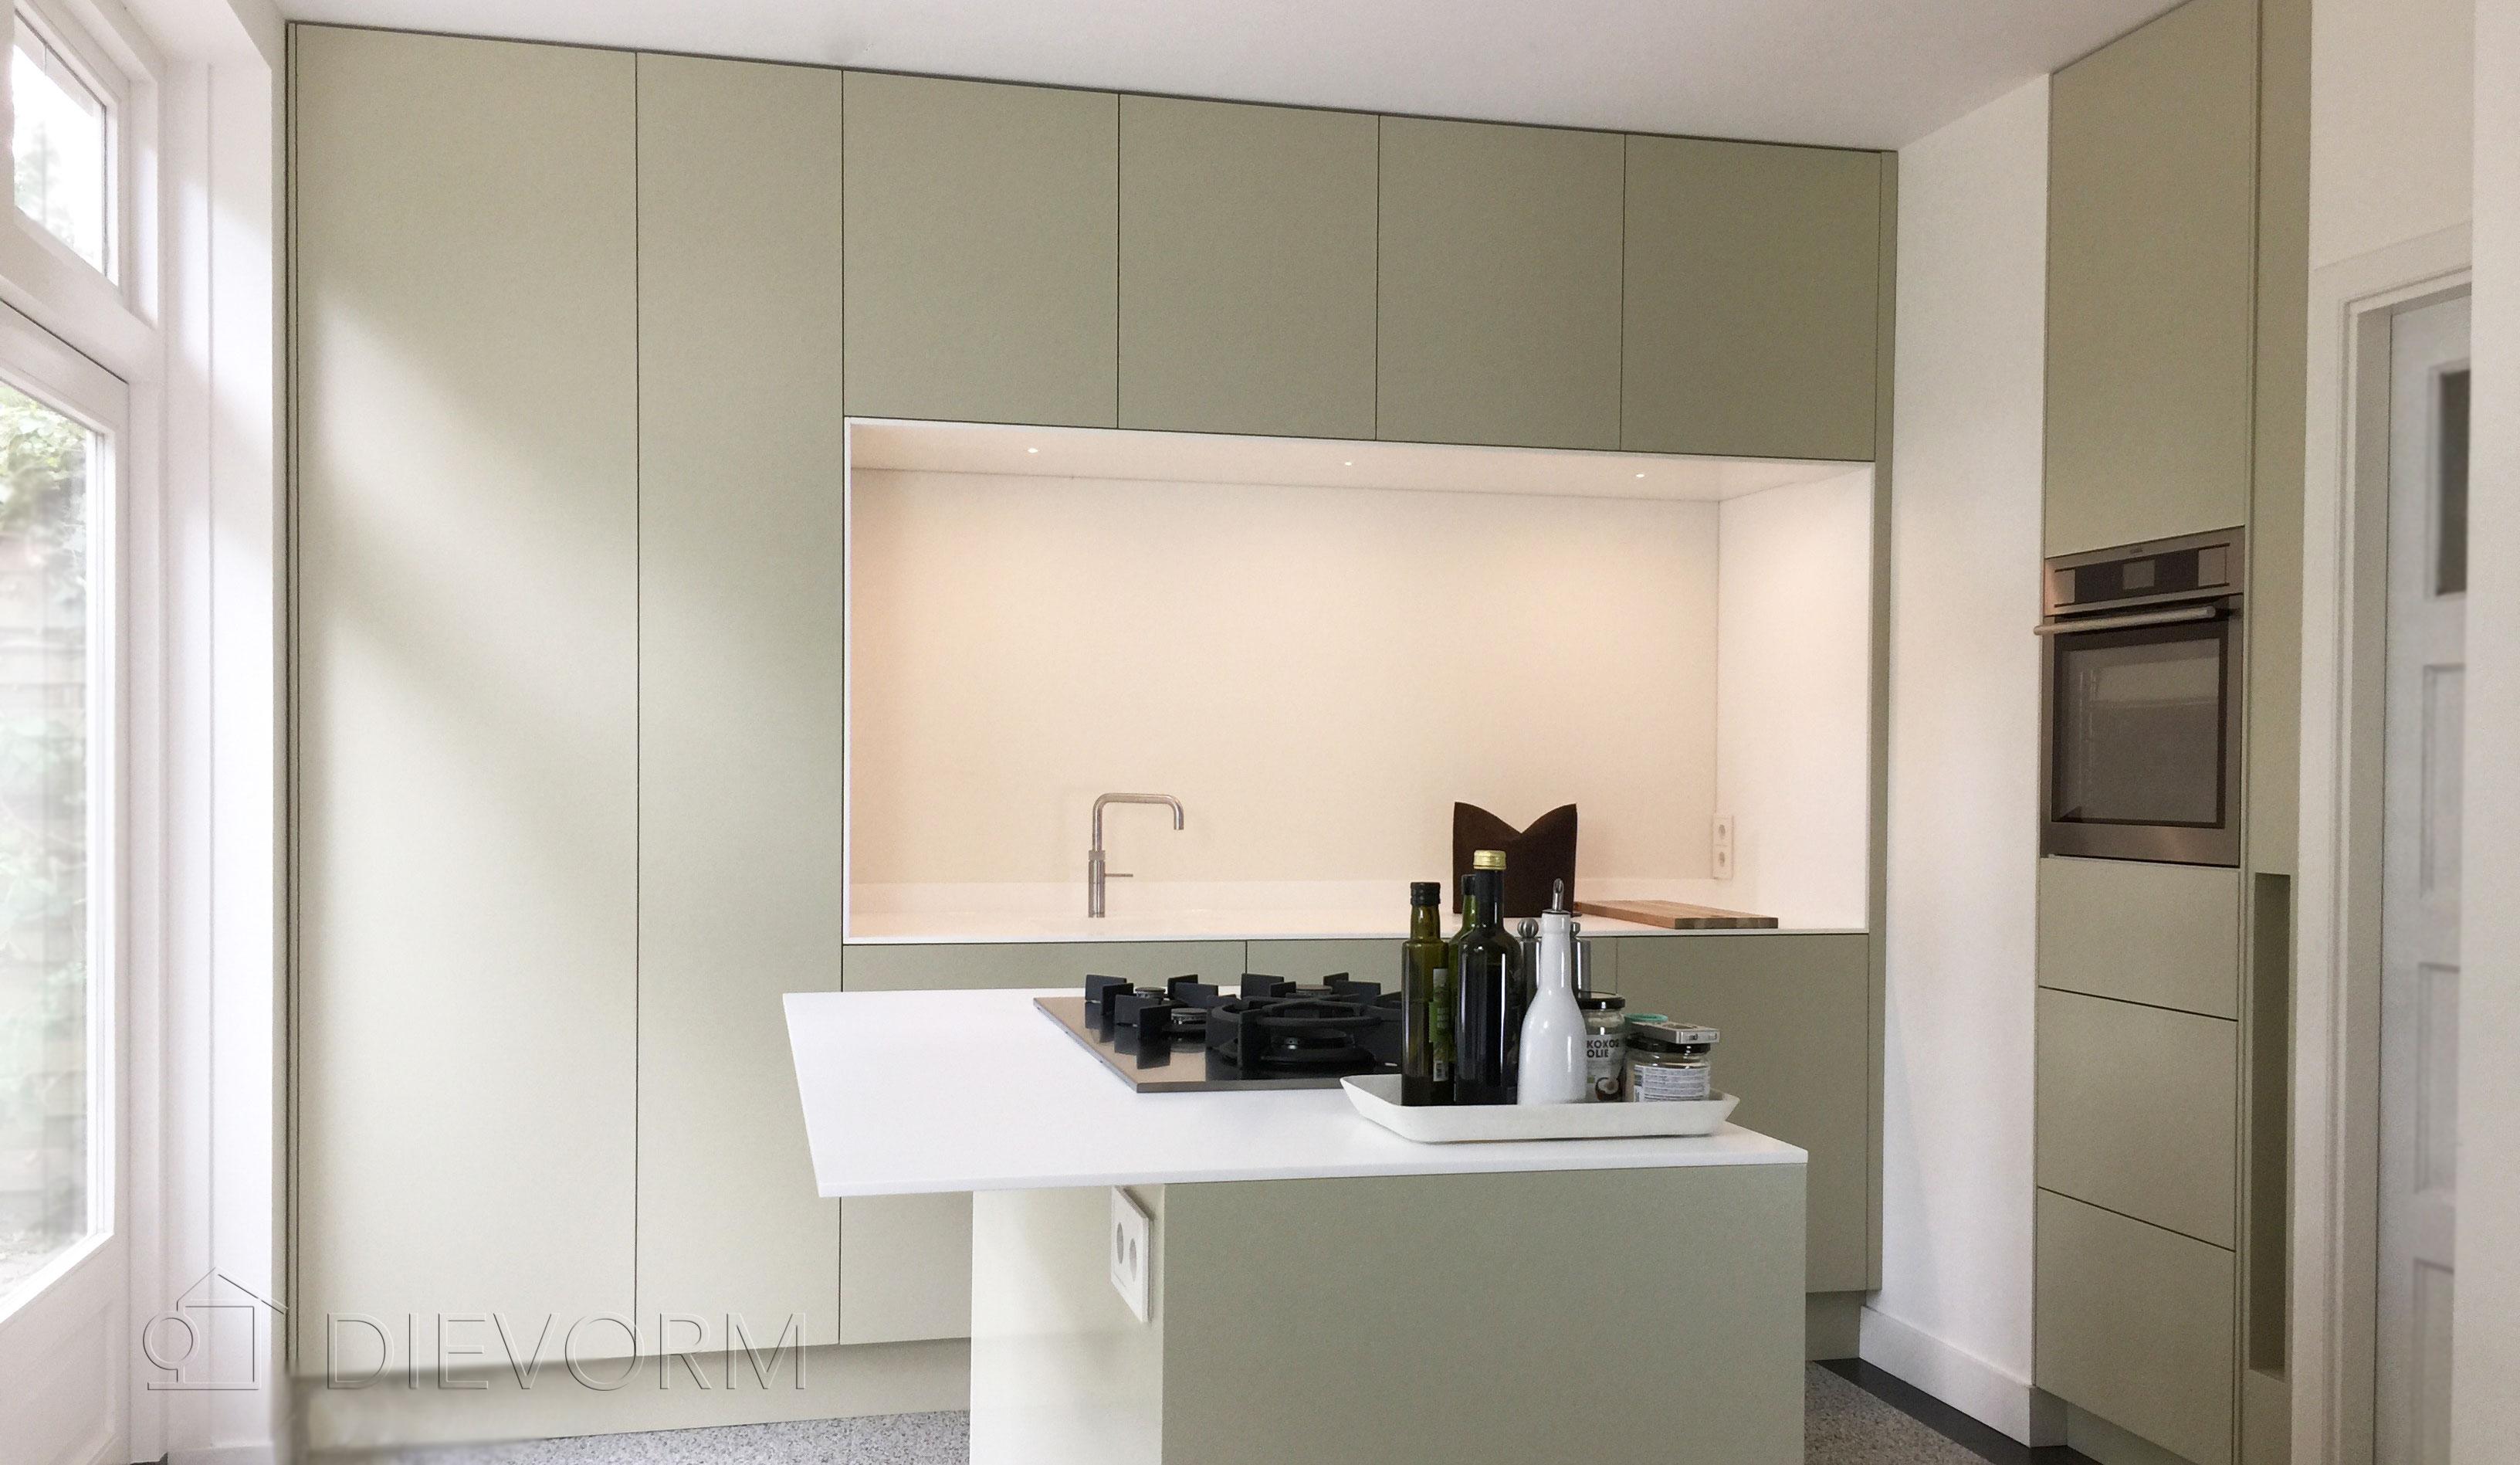 keukenontwerp keuken op maat Arnhem